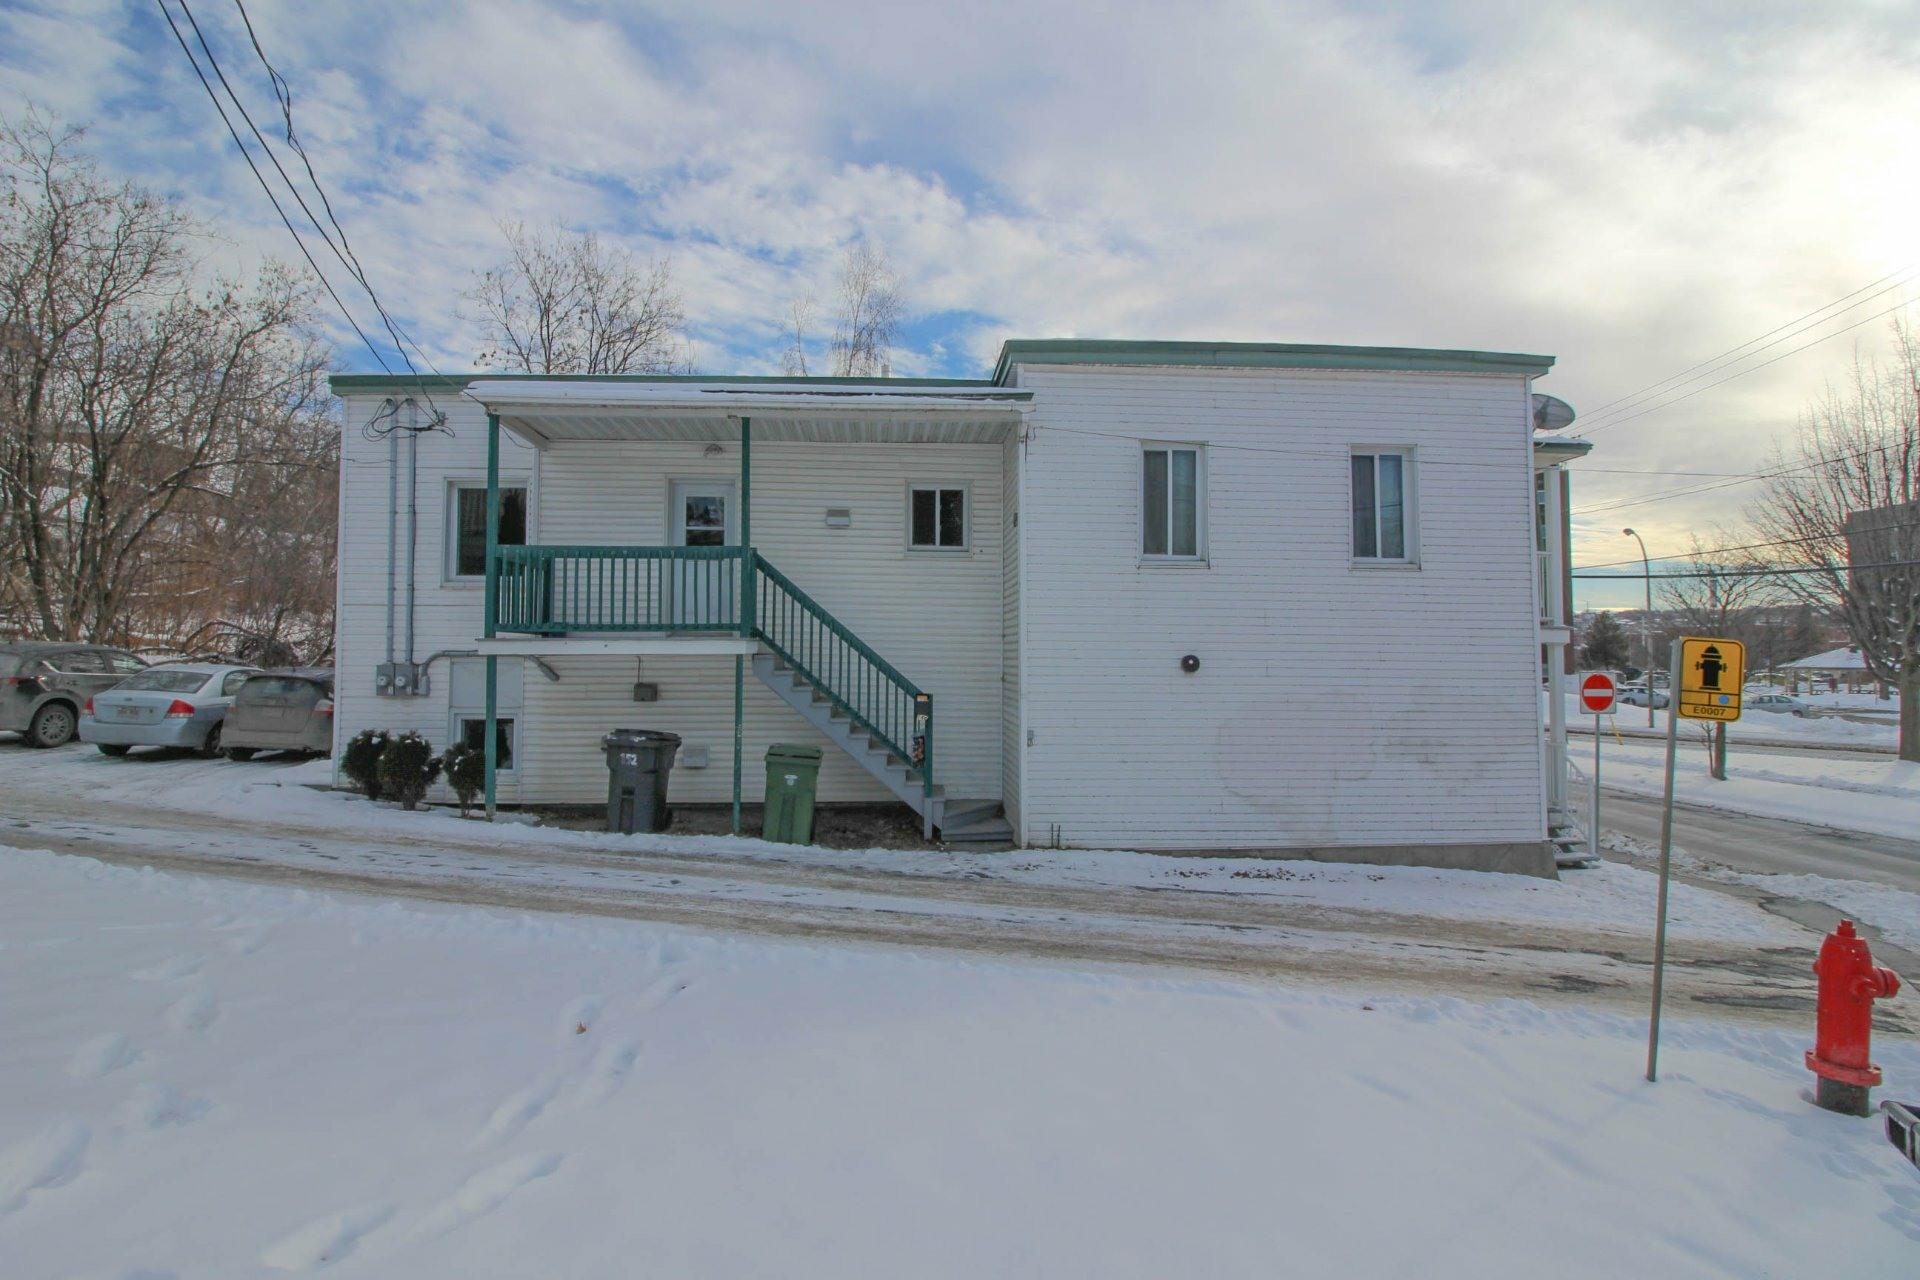 image 26 - Duplex À vendre Fleurimont Sherbrooke  - 4 pièces